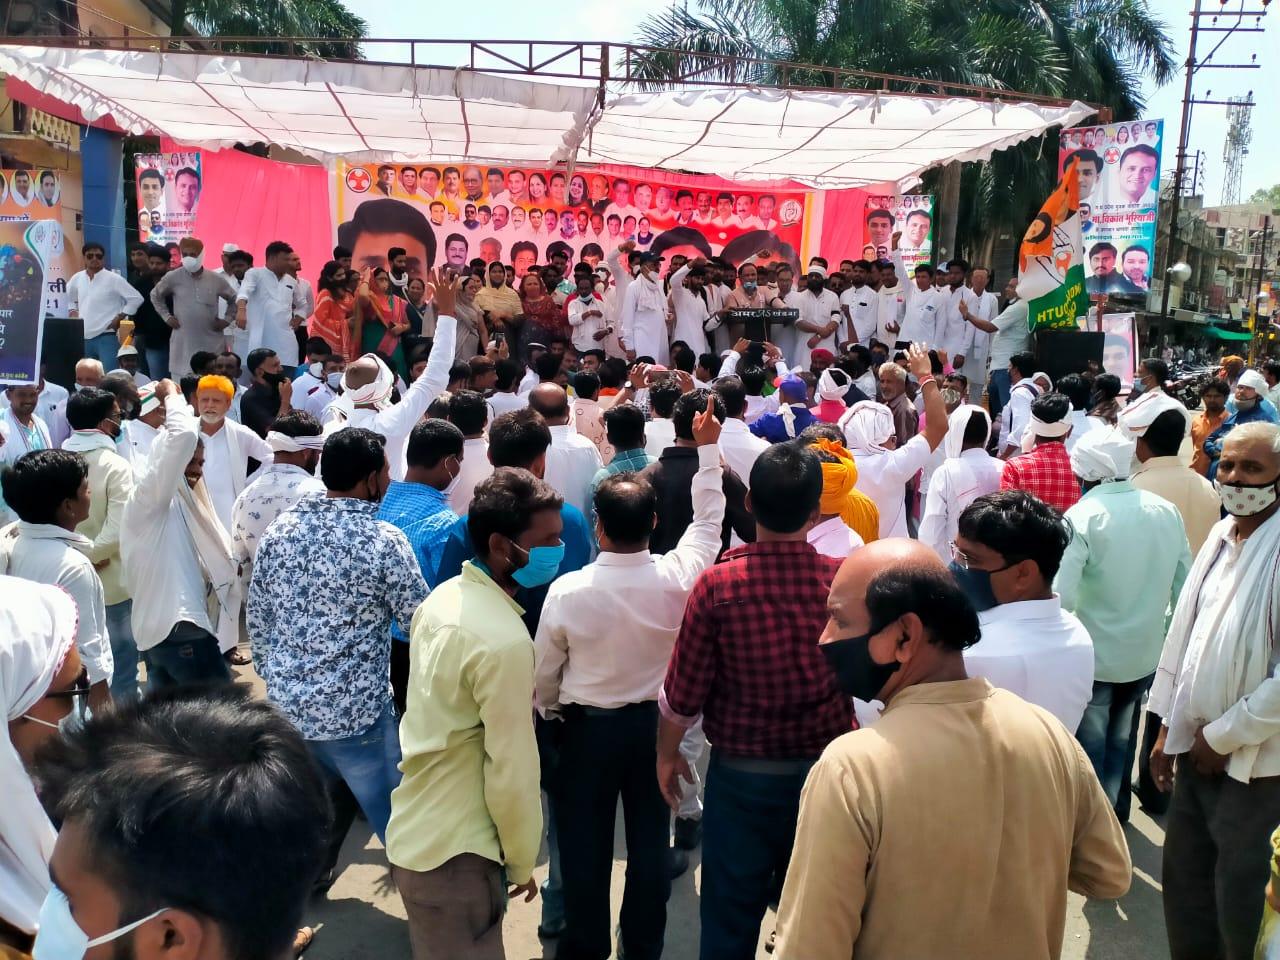 निगम के बाहर बनाए मंच पर मौजूद कांग्रेस नेता। - Dainik Bhaskar